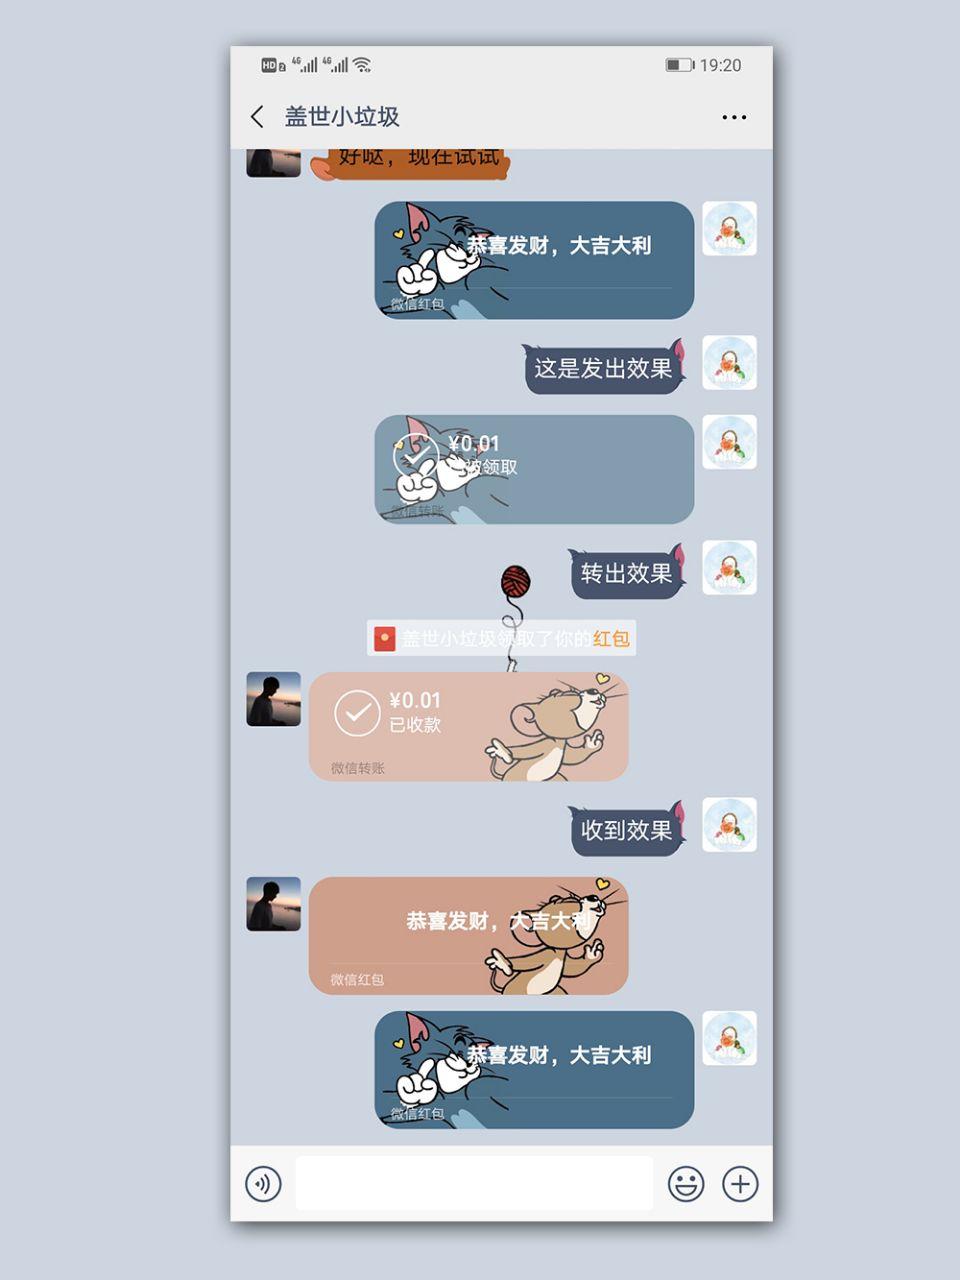 华为手机猫和老鼠主题 微信猫和老鼠气泡分享-刀鱼资源网 - 技术教程资源整合网_小刀娱乐网分享-第3张图片